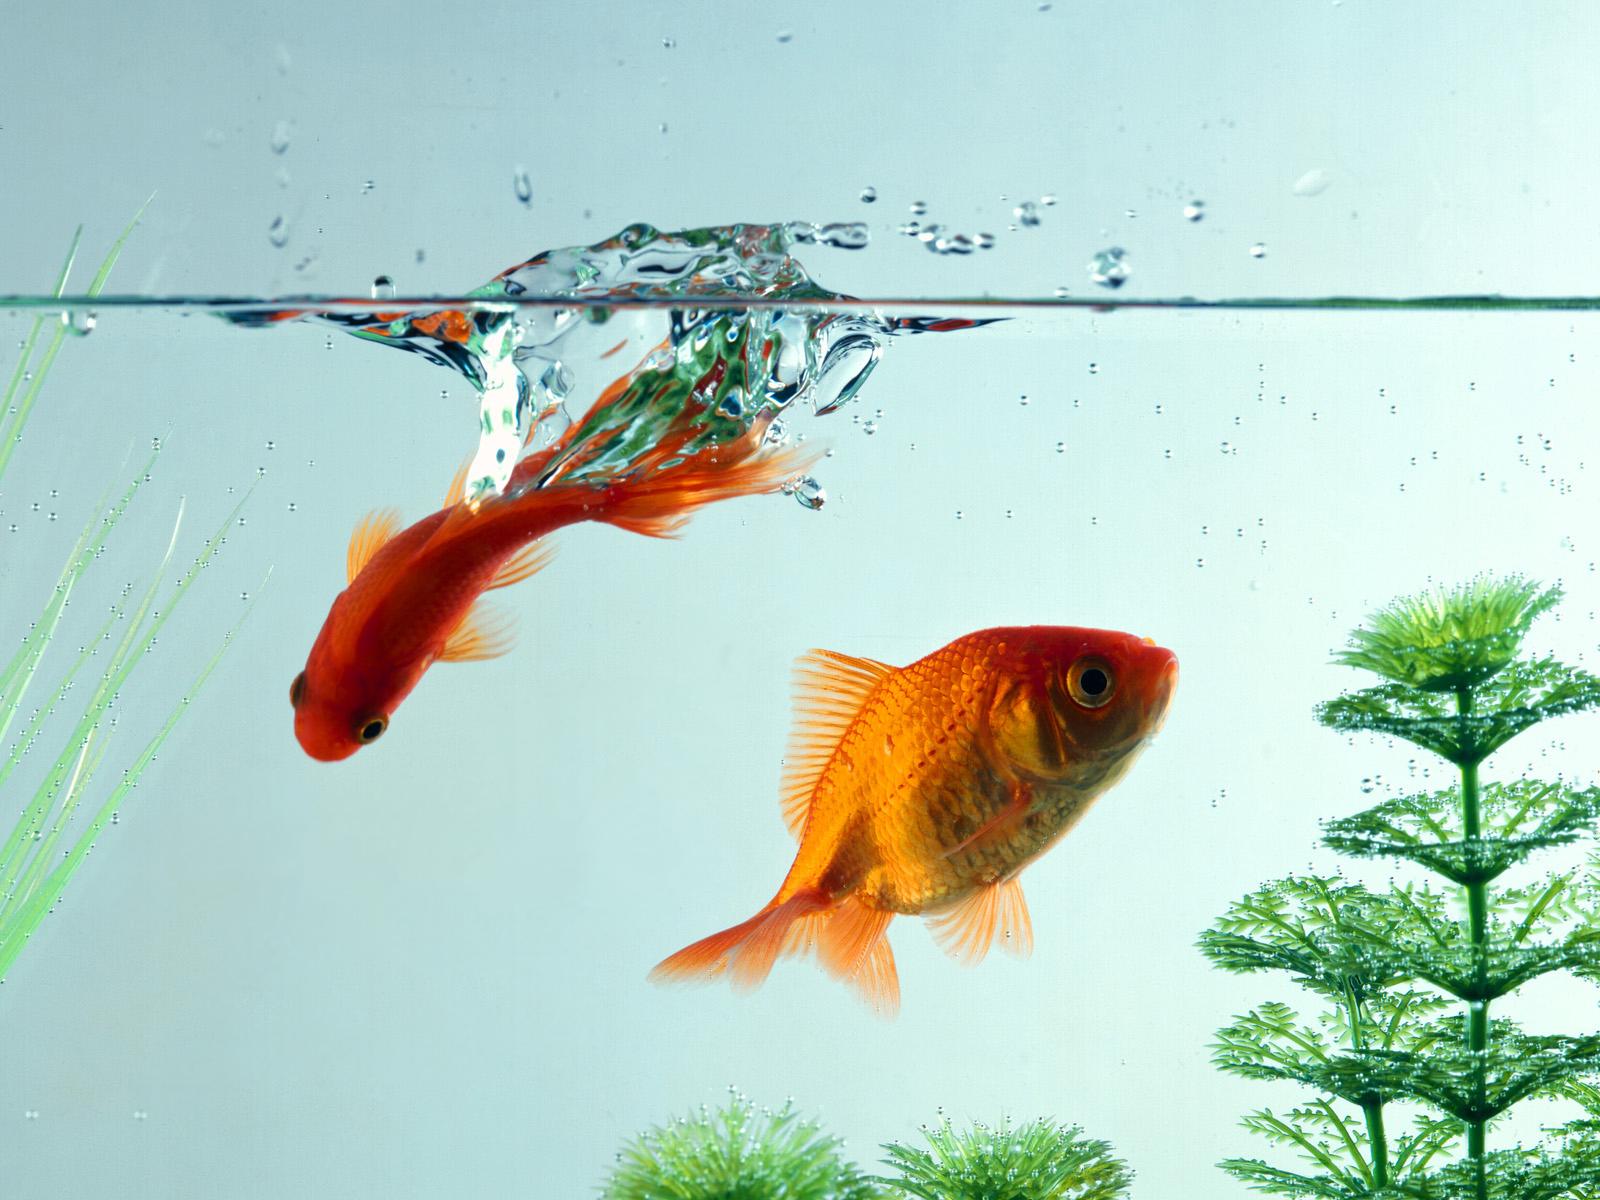 рыбы в воде картинки как-то